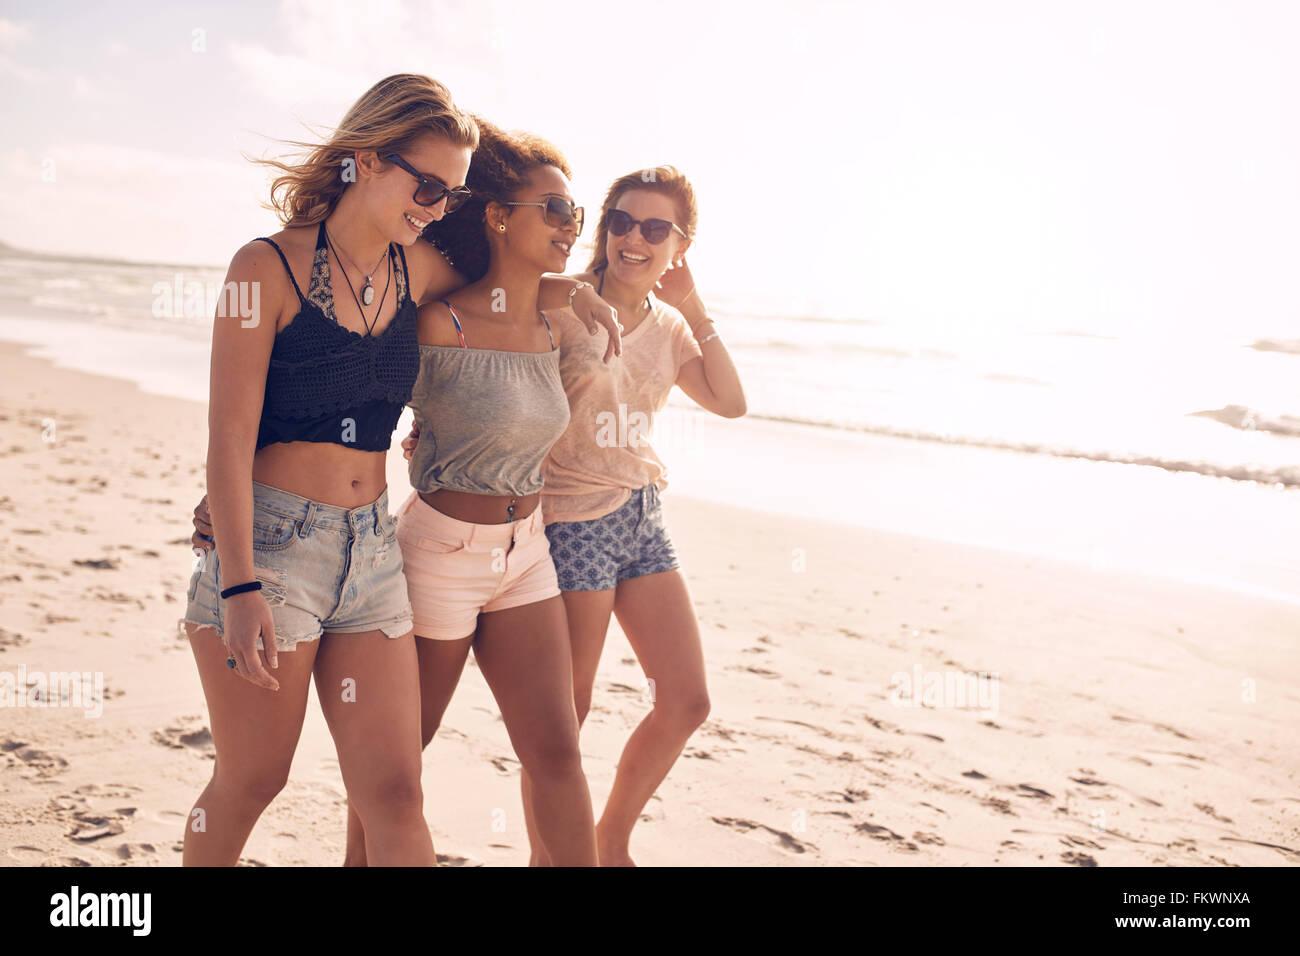 Retrato de tres amigas jóvenes caminando por la orilla del mar. Las mujeres jóvenes multirracial paseando Imagen De Stock